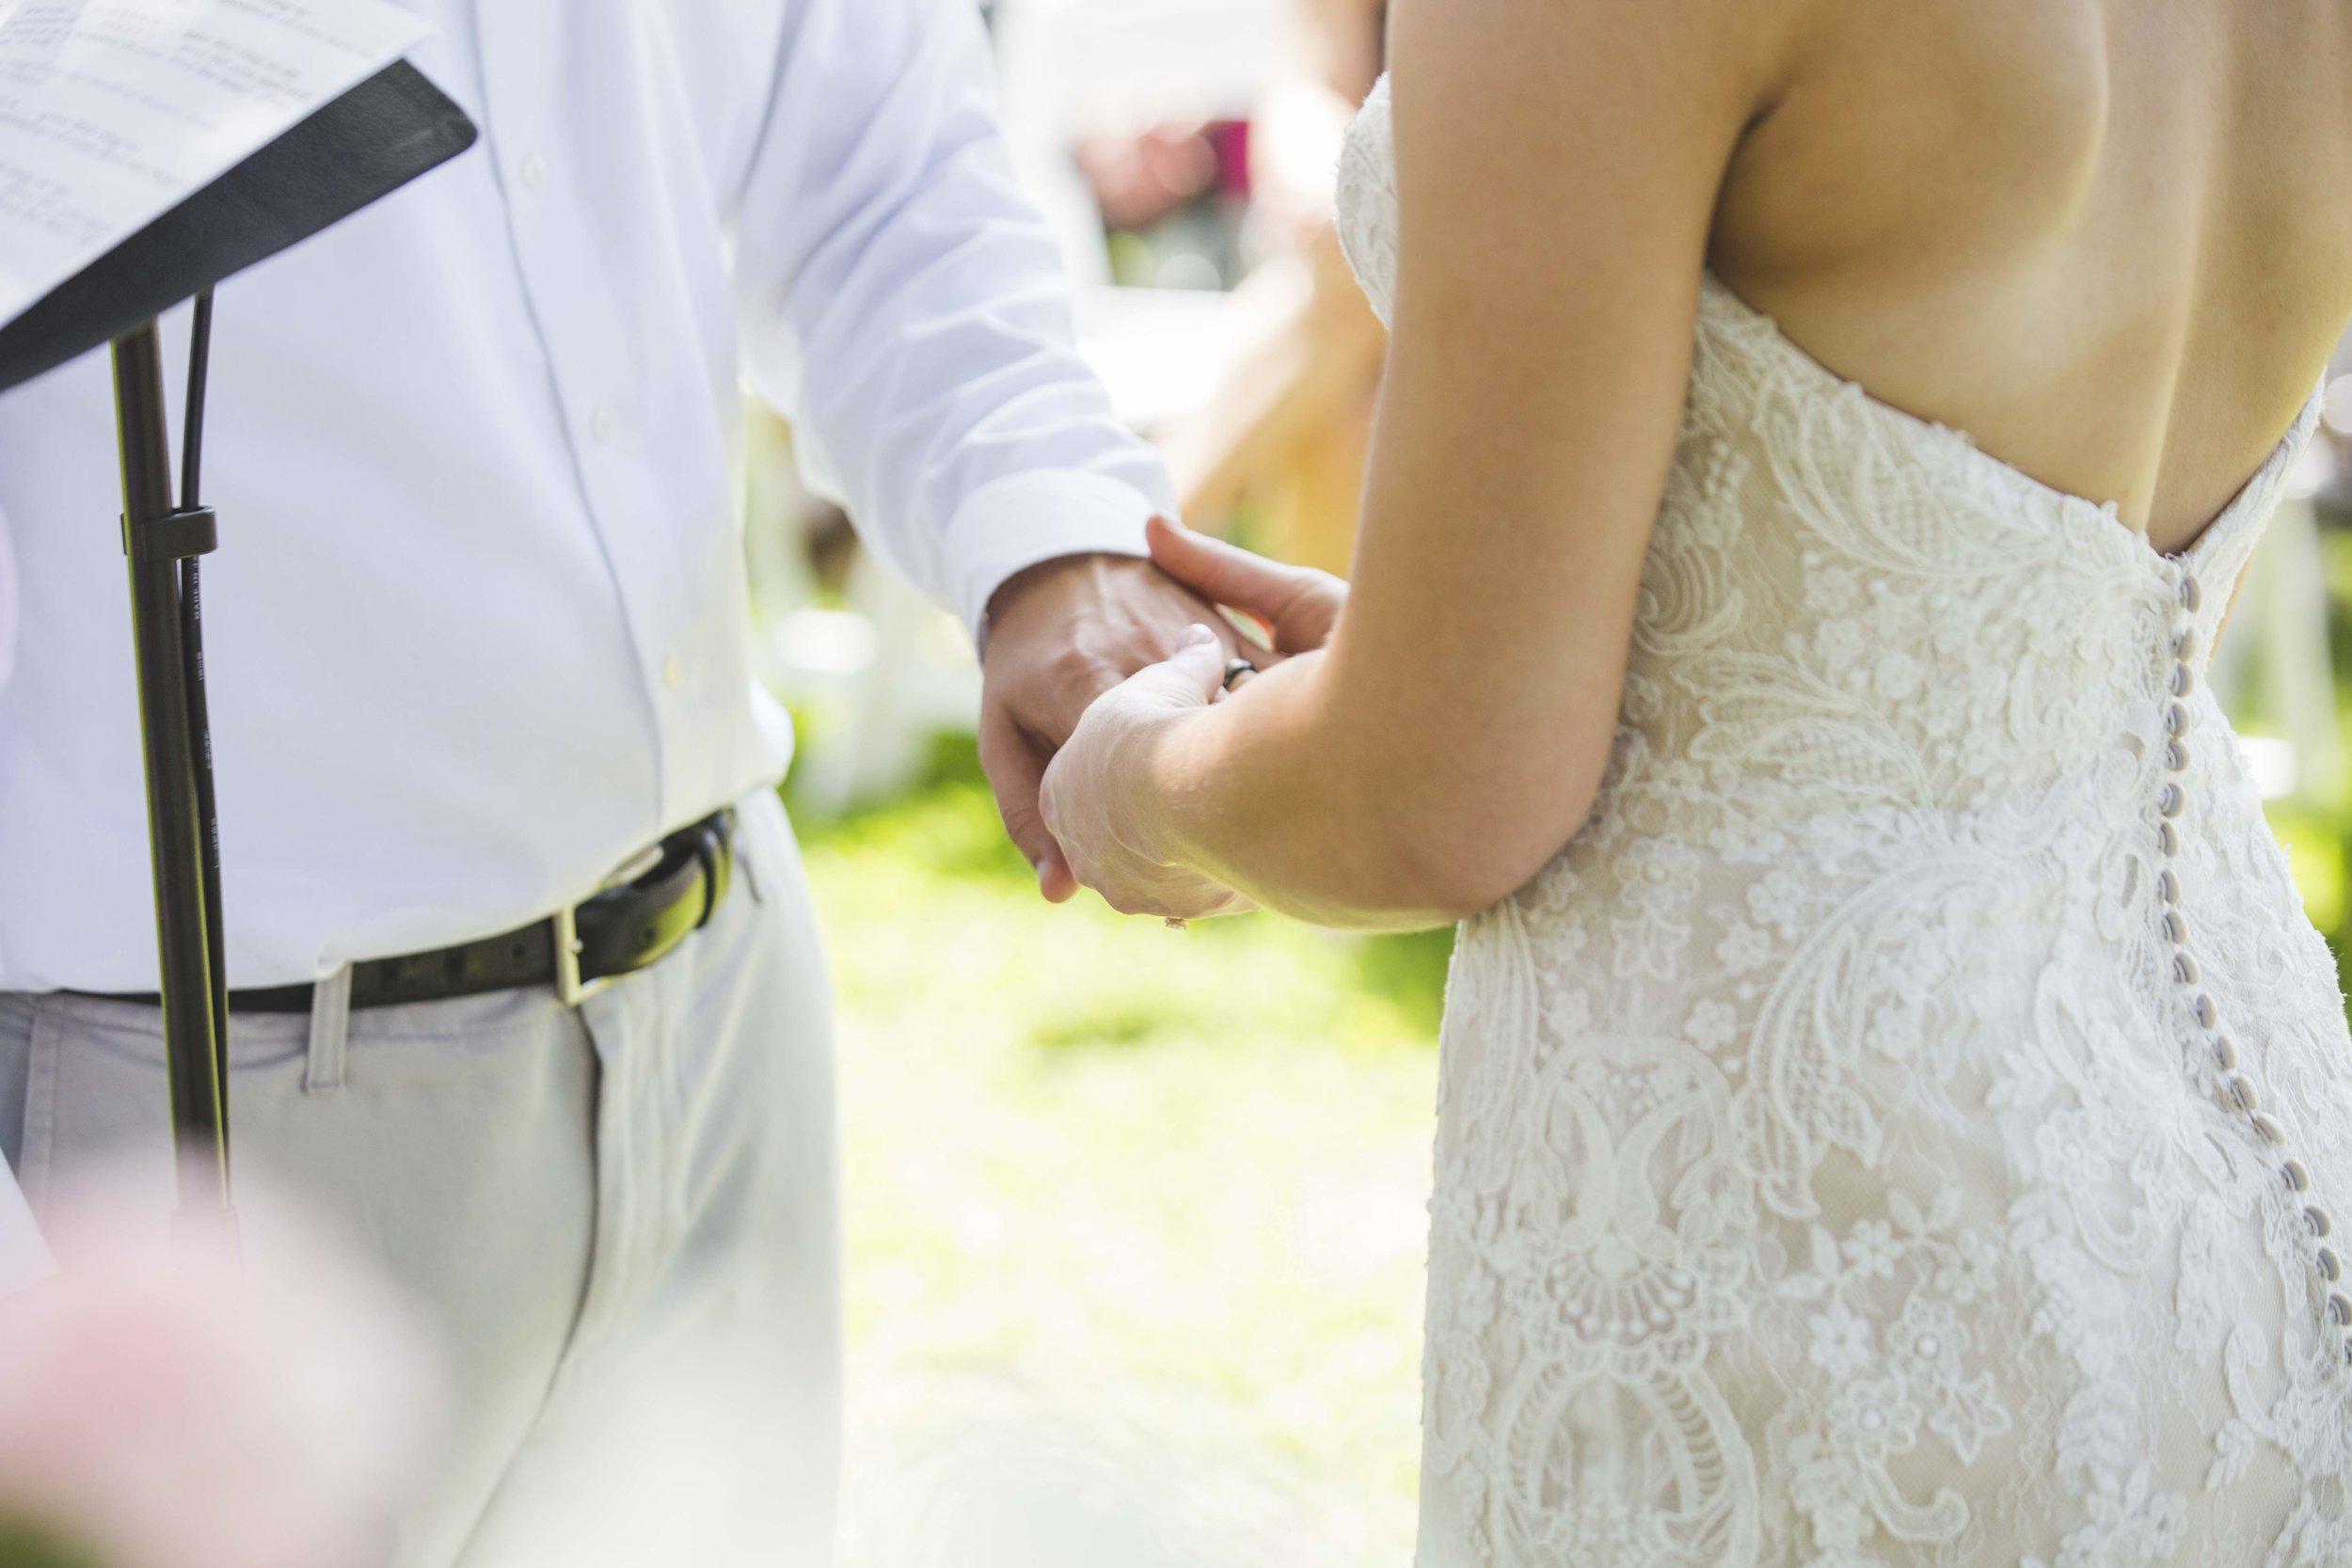 ATGI_Susanna & Matt Wedding_717A7825.jpg